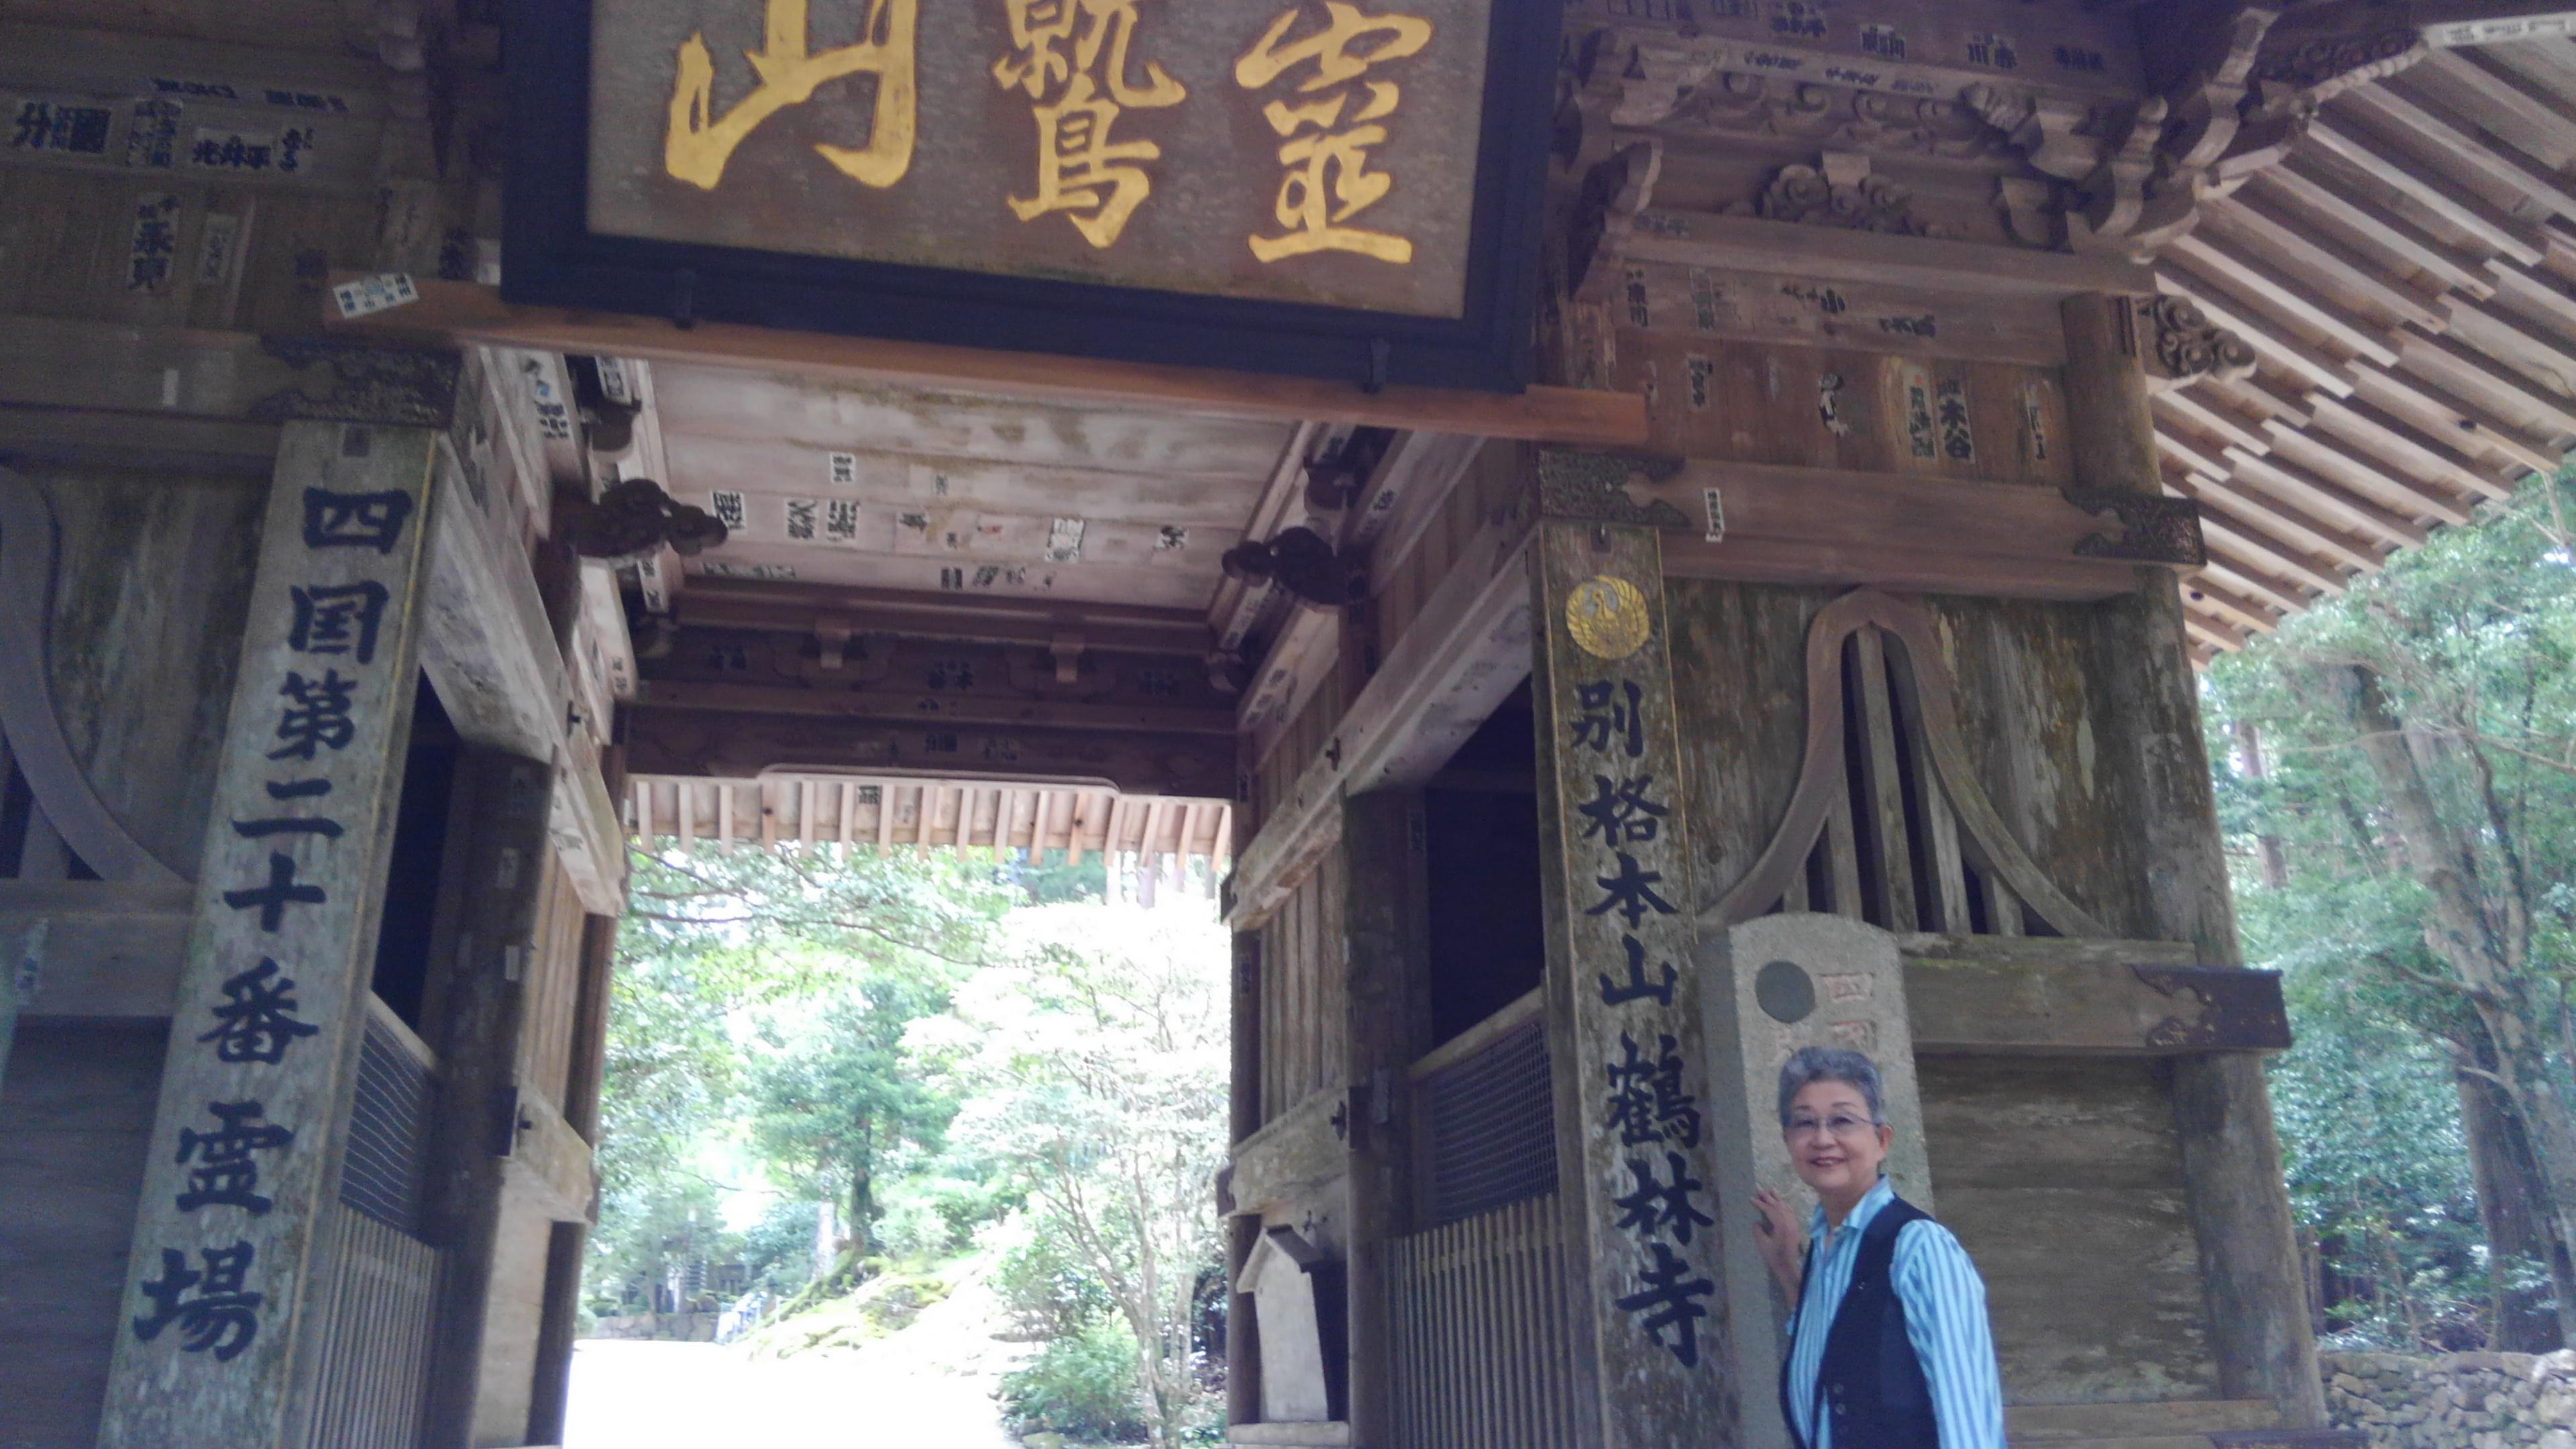 四国八十八ヵ所お遍路の旅、徳島県の23ヵ寺が終わりました🙏